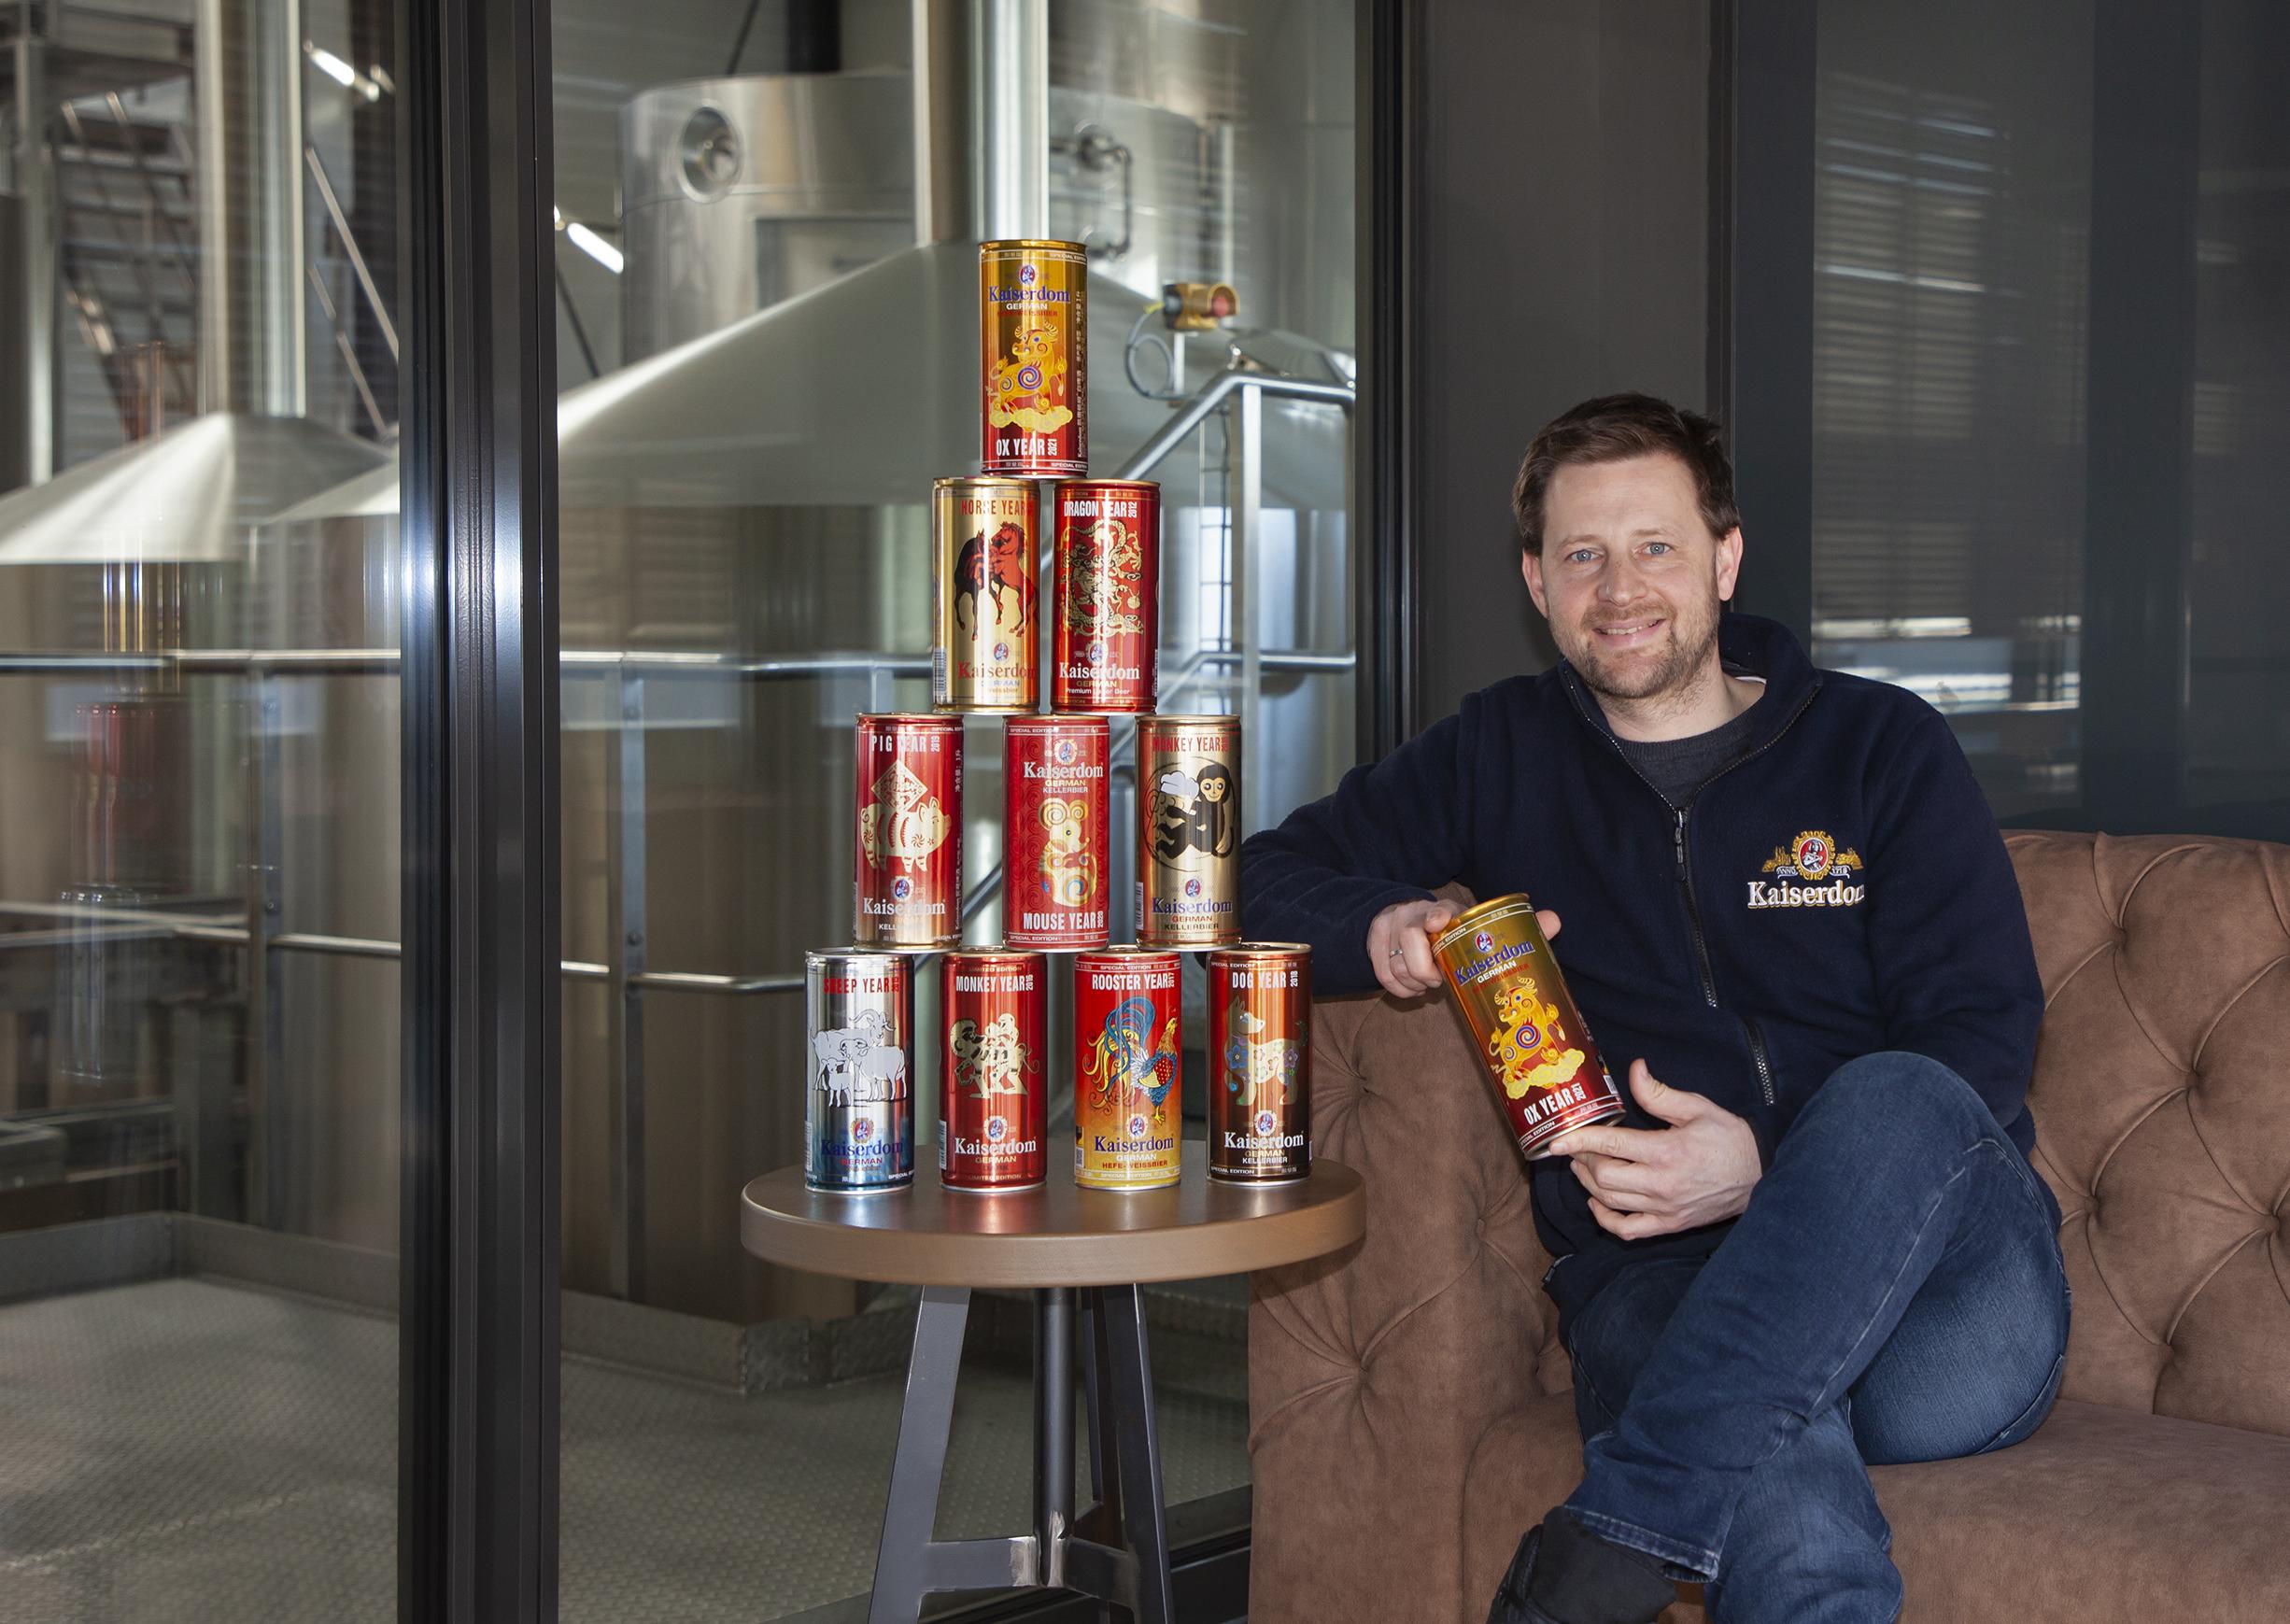 Geschäfstführer Felix Wörner mit Kaiserdom Bier Produkten